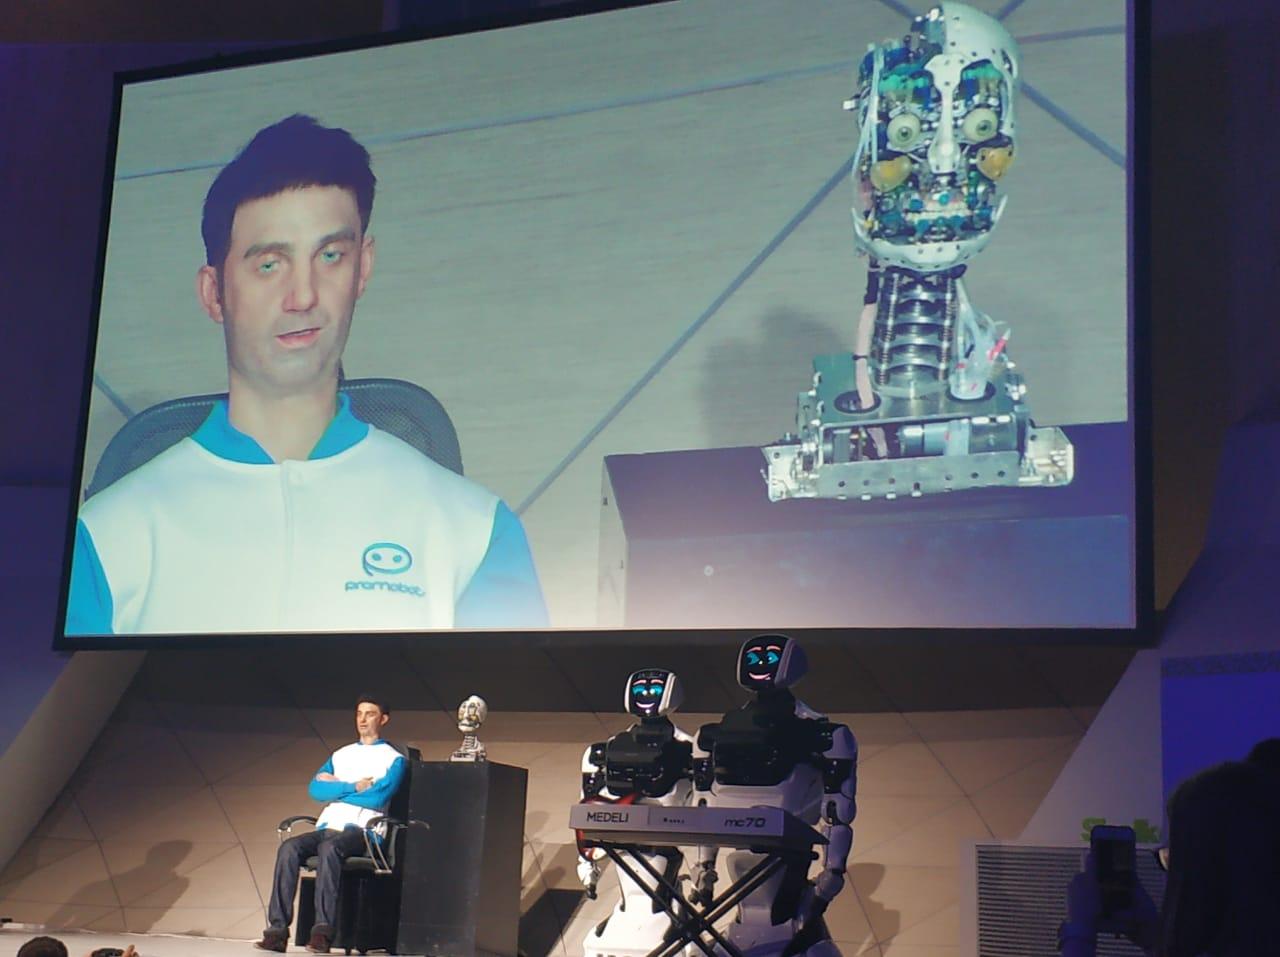 Skolkovo Robotics - Университет Минстроя на глобальном мероприятии в Сколково